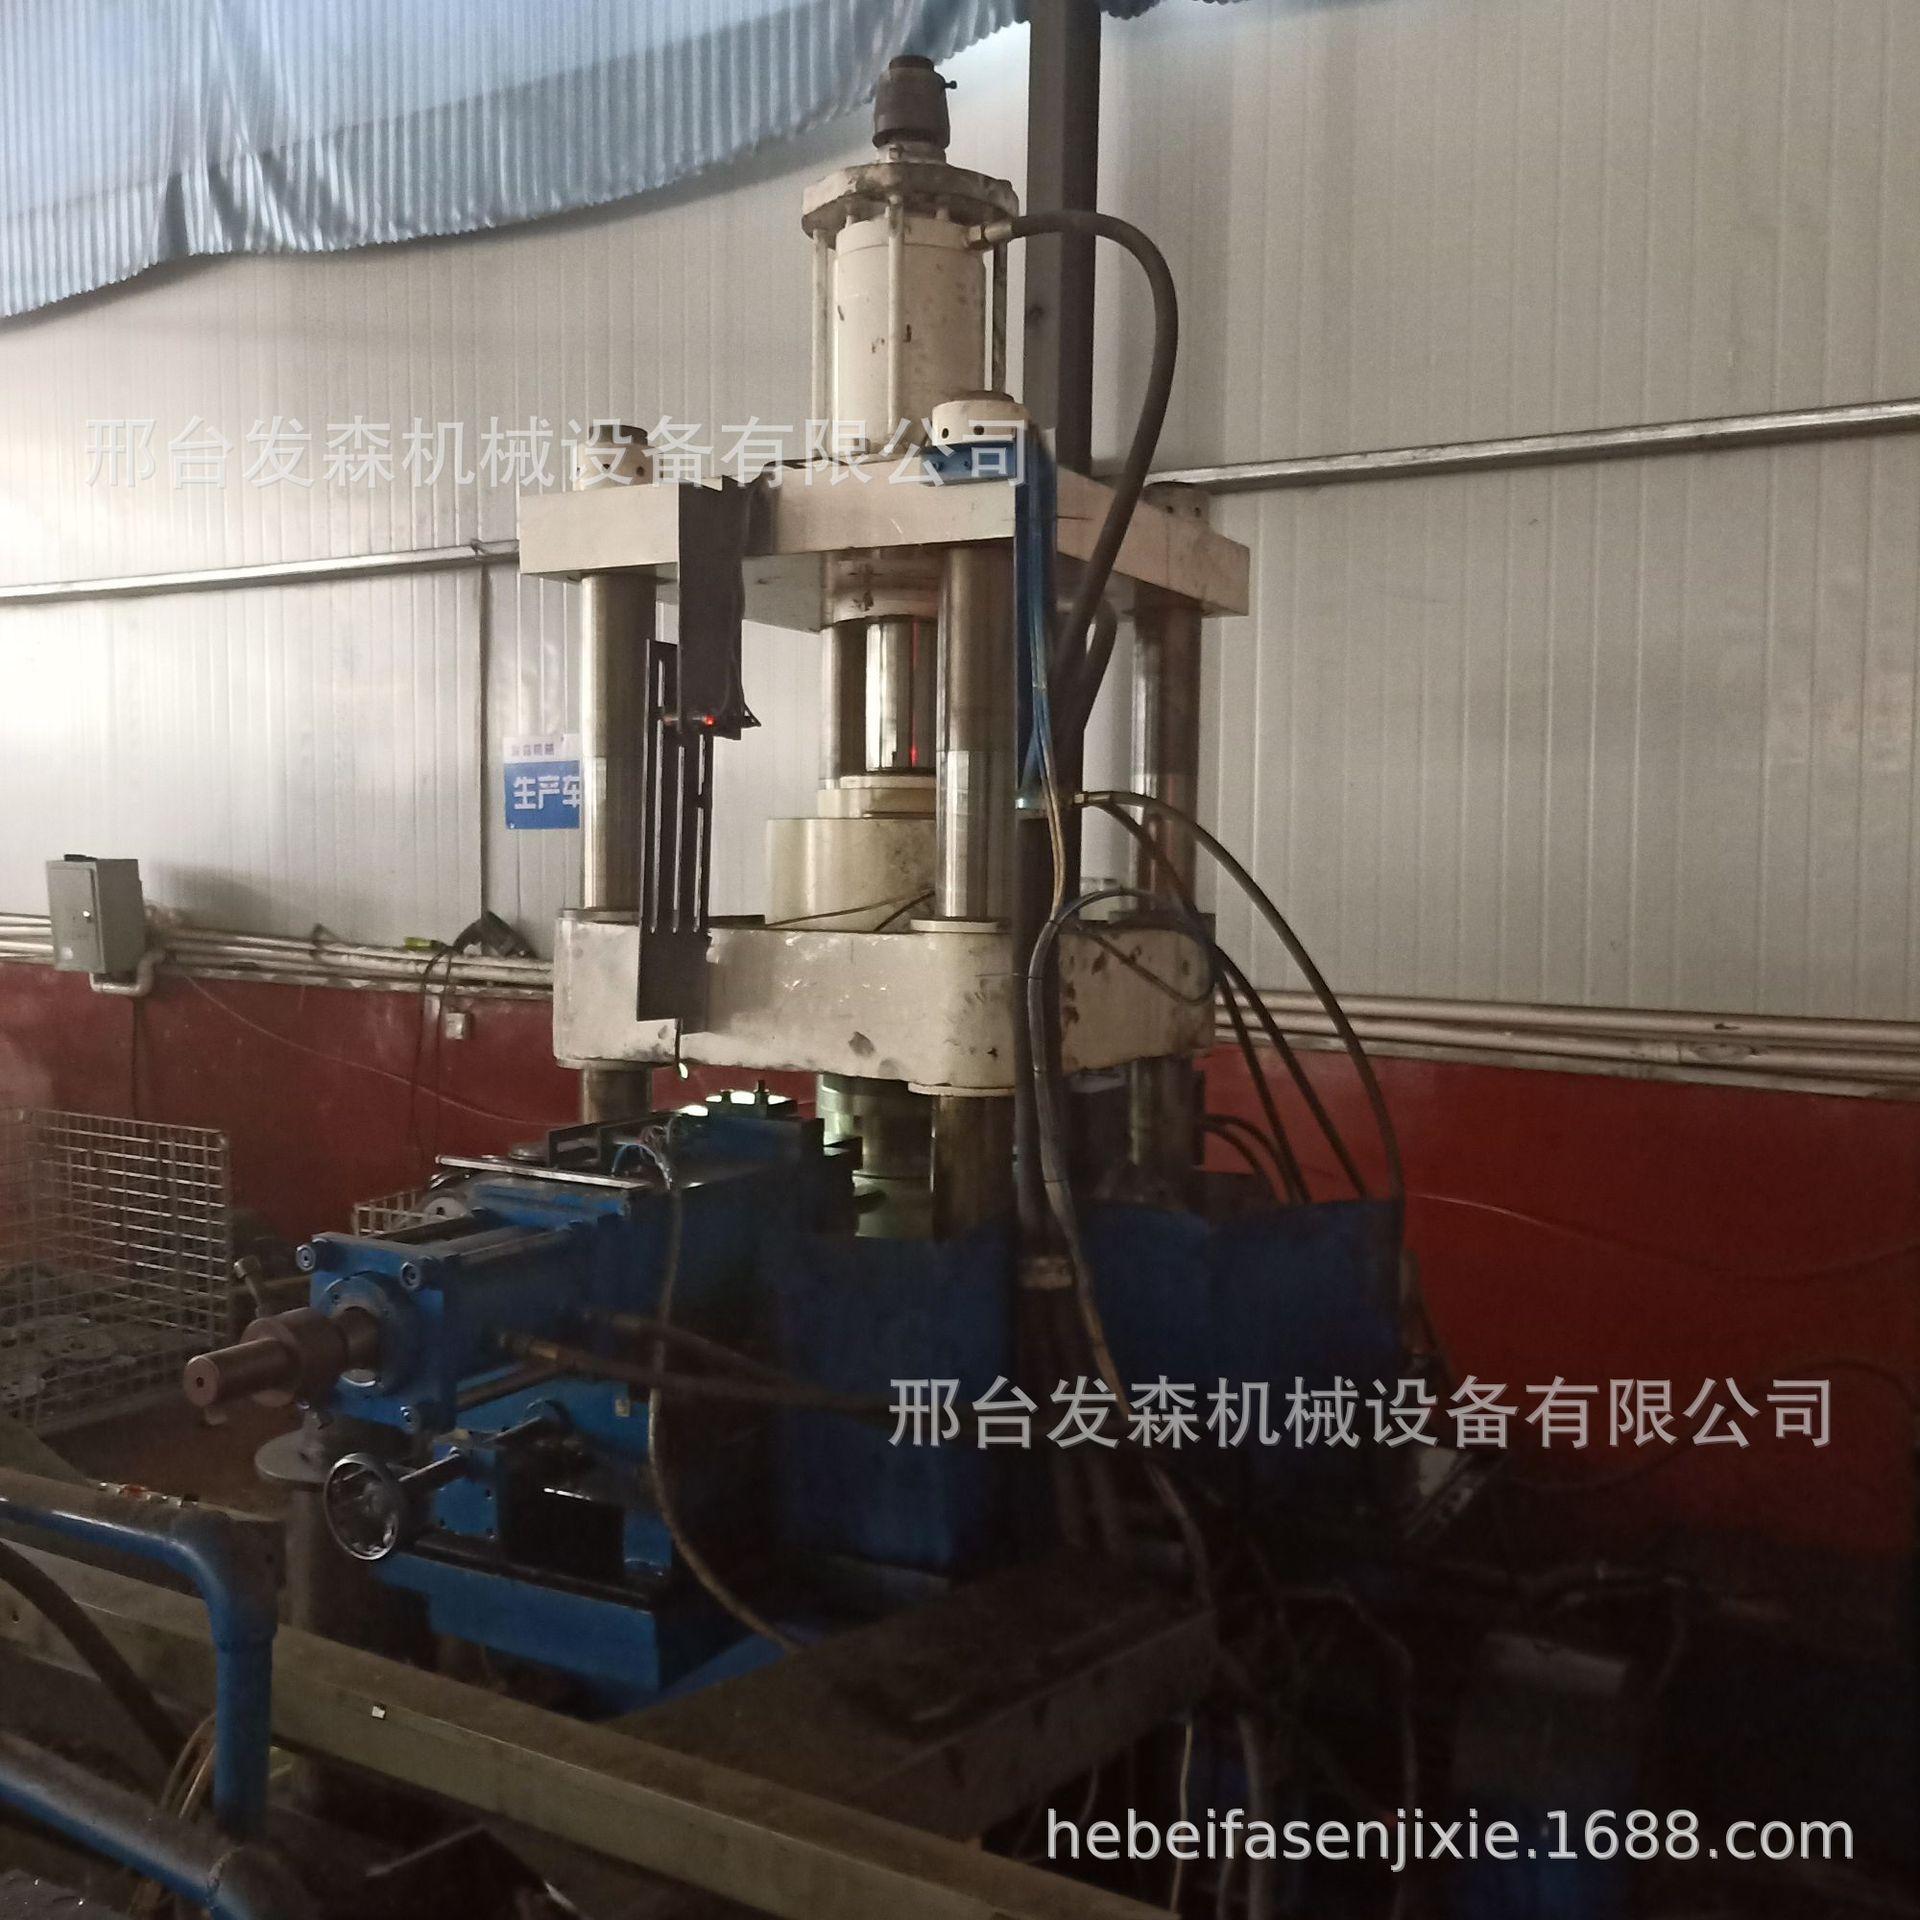 旋压机  旋压皮带轮制作机械 大型旋压机 劈开式皮带轮专用示例图1